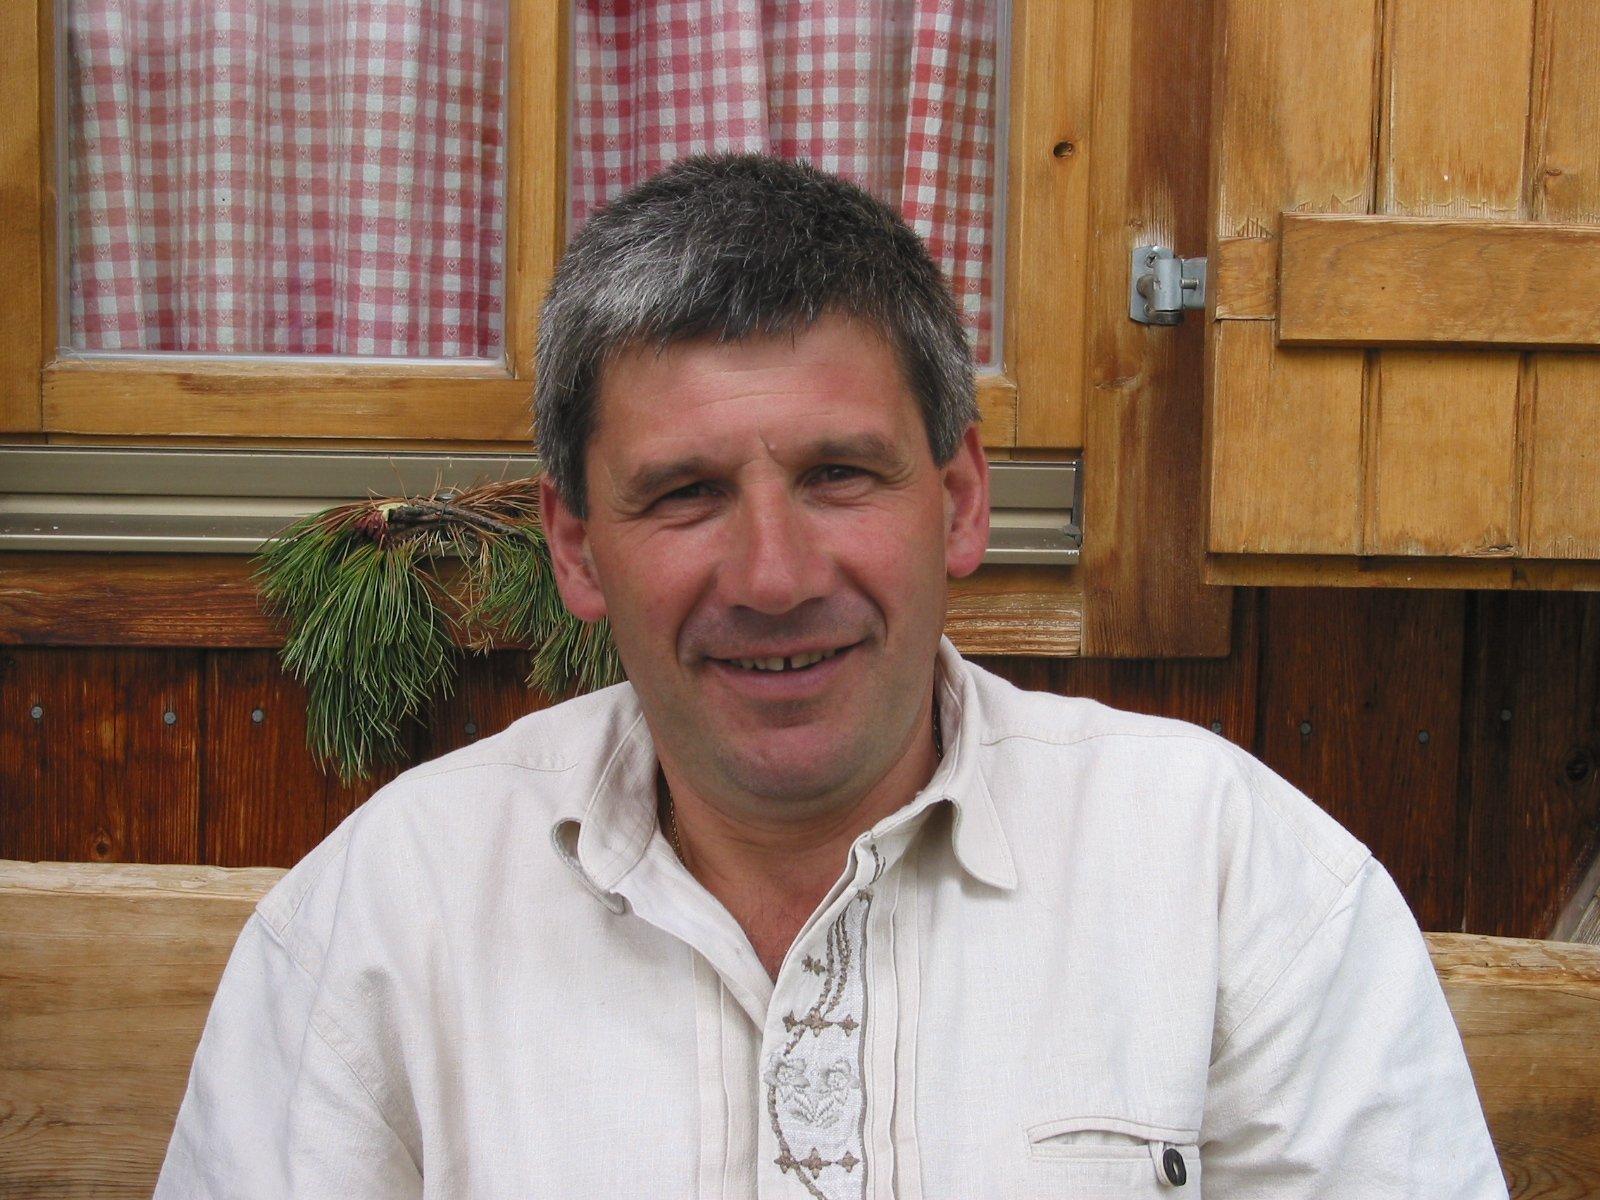 Konrad Mair